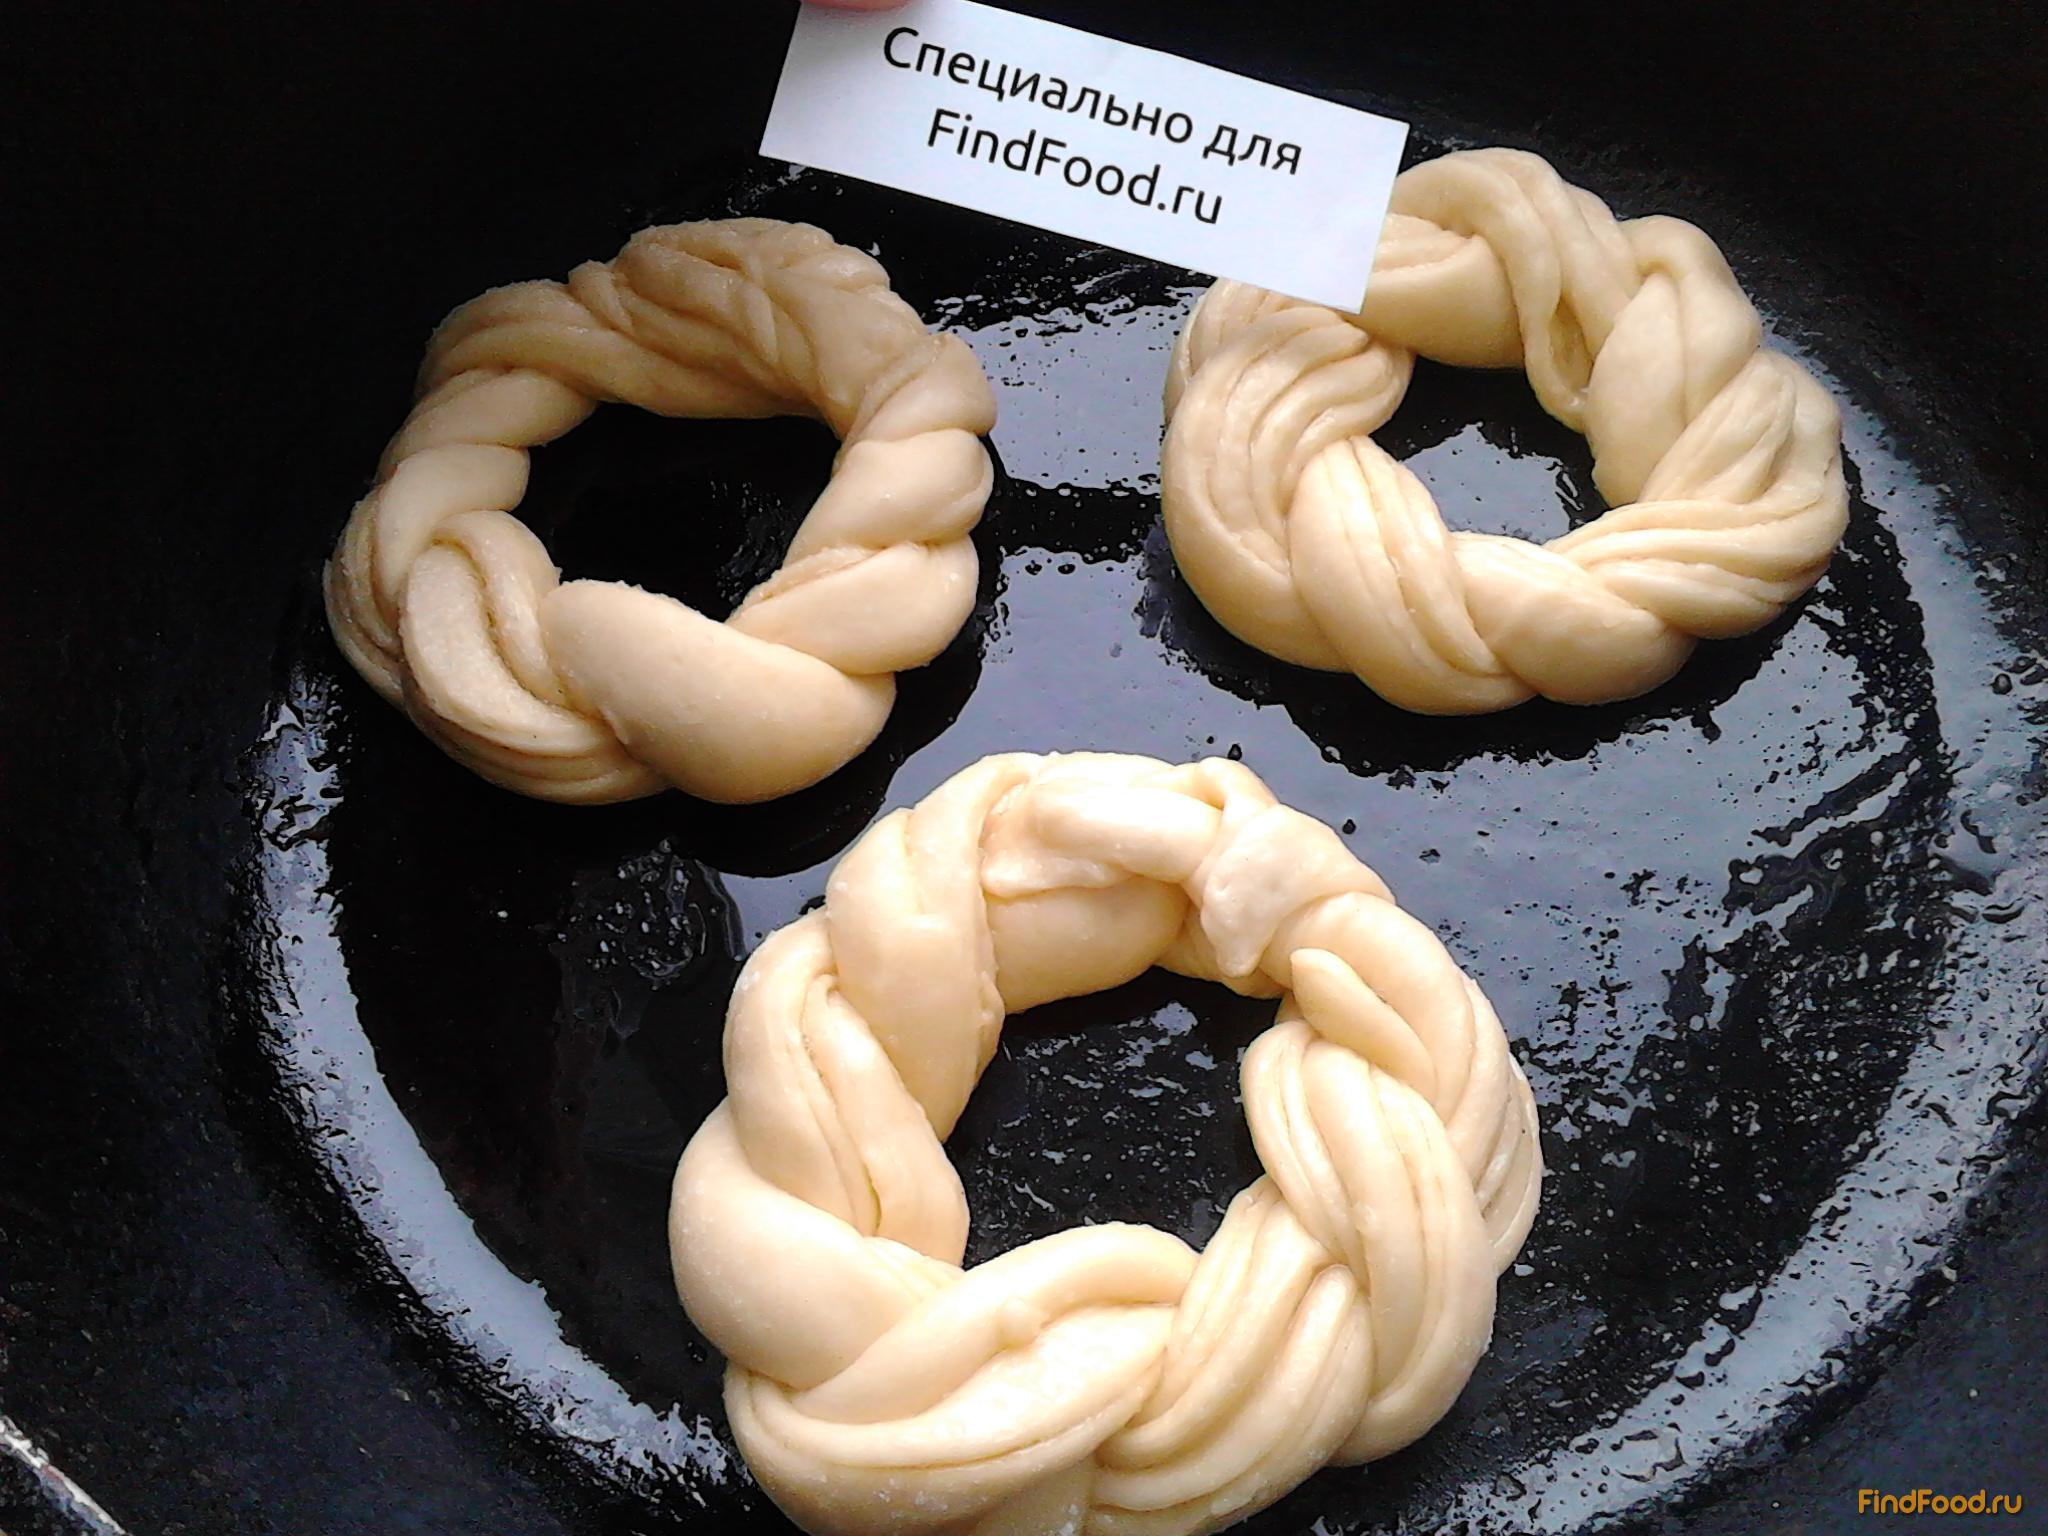 Песочное кольцо по ГОСТ у. Рецепт песочного печенья «Кольцо» с орехами 38